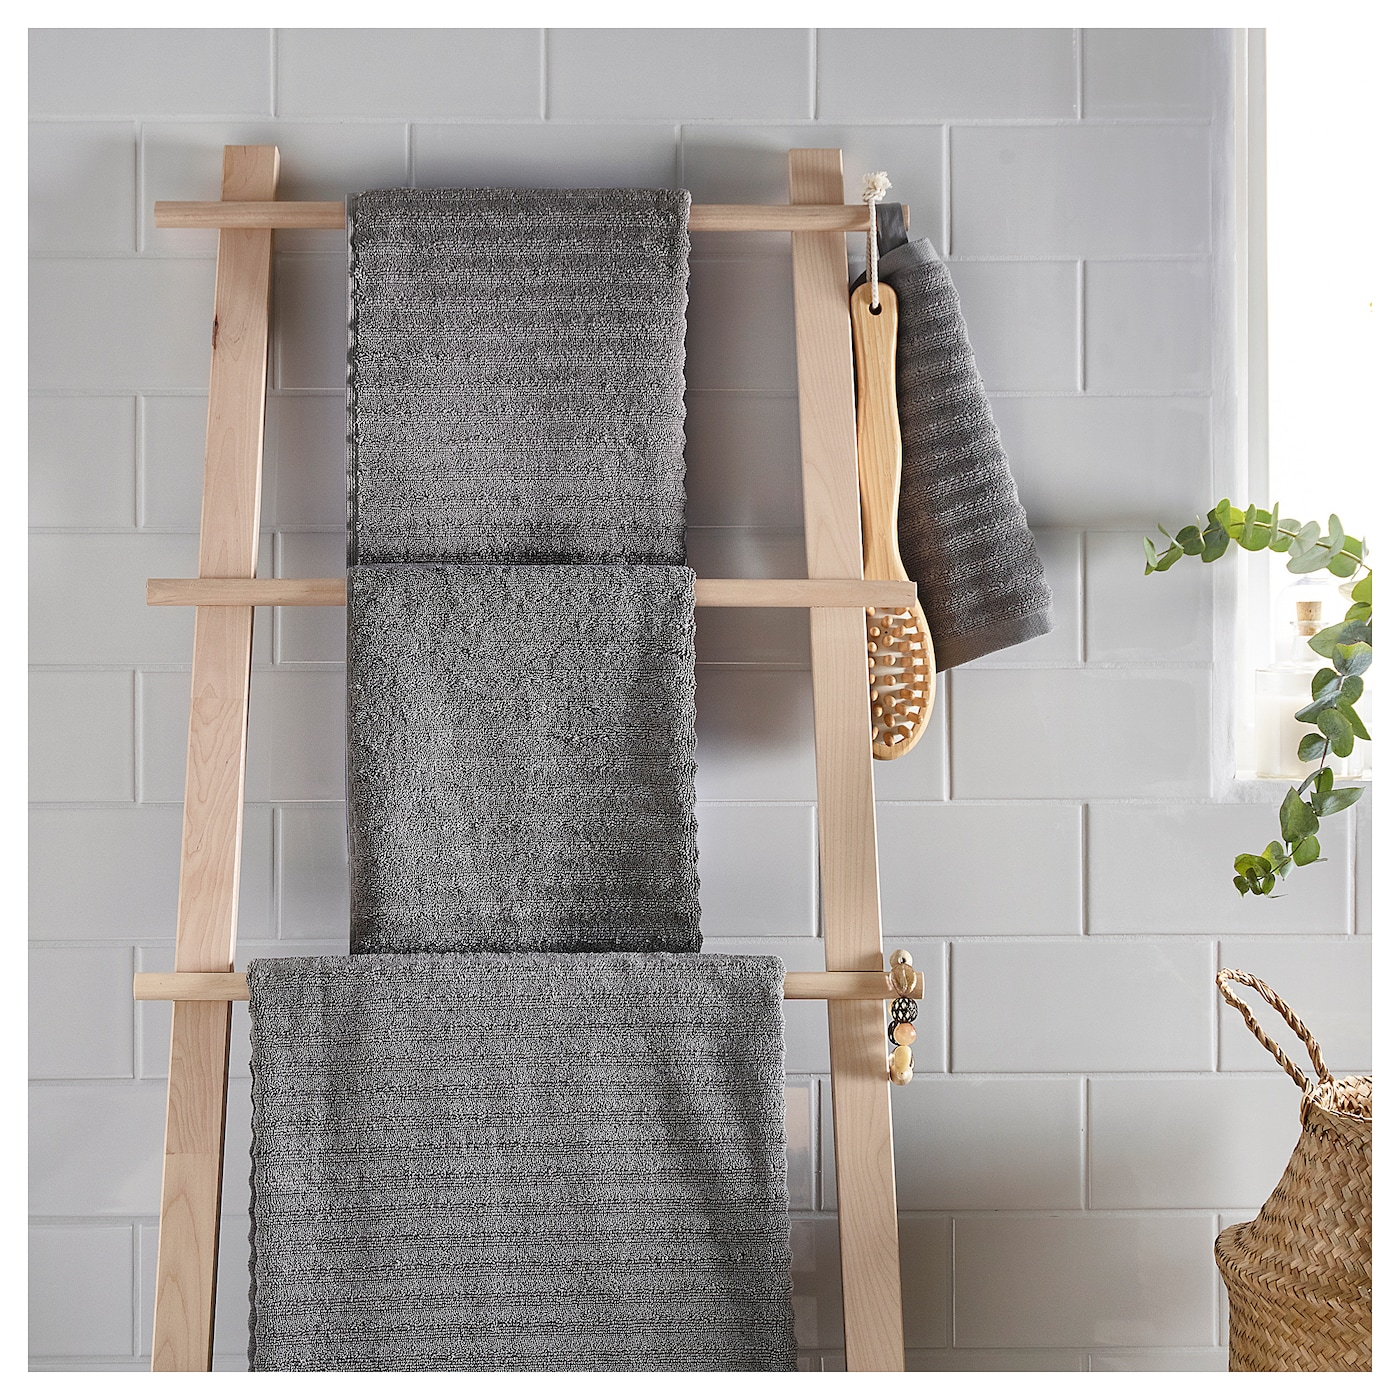 Flodalen toalla de ba o gris 100 x 150 cm ikea - Toallas de bano ikea ...